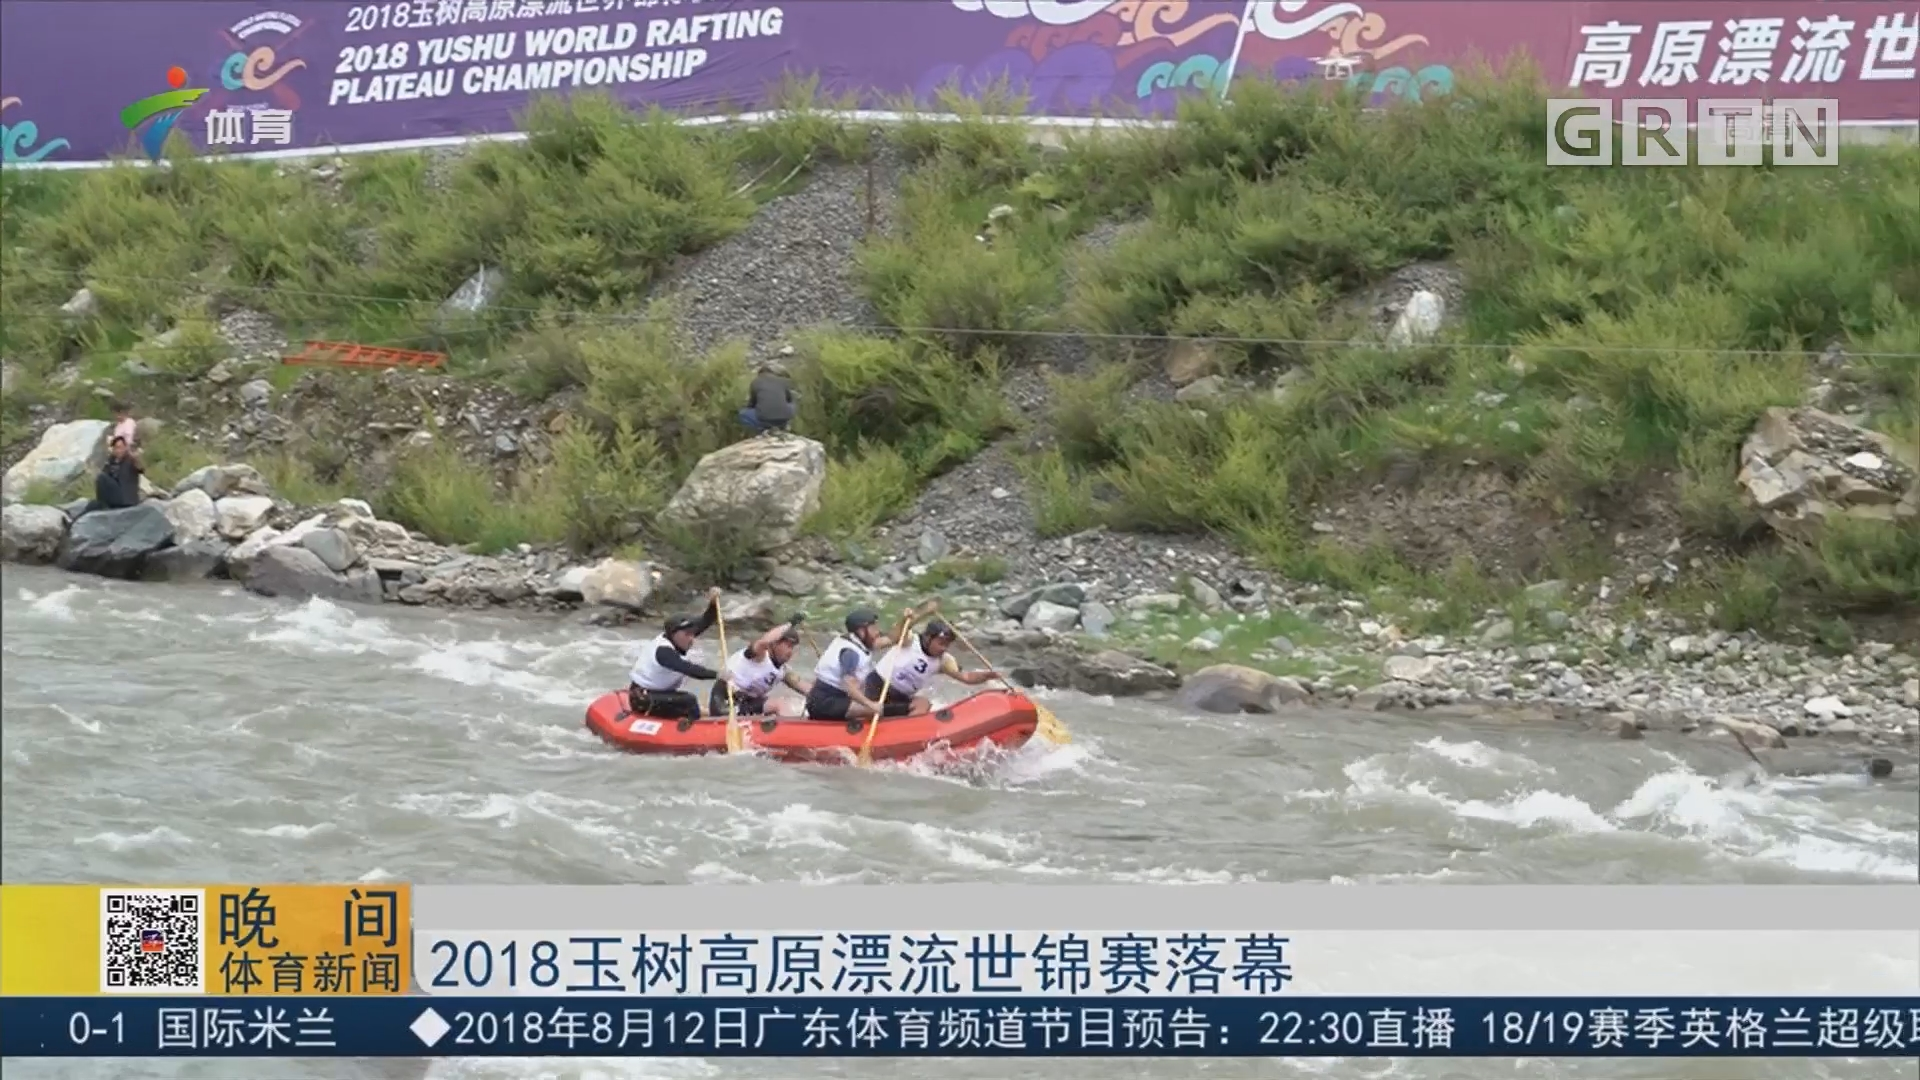 2018玉树高原漂流世锦赛落幕